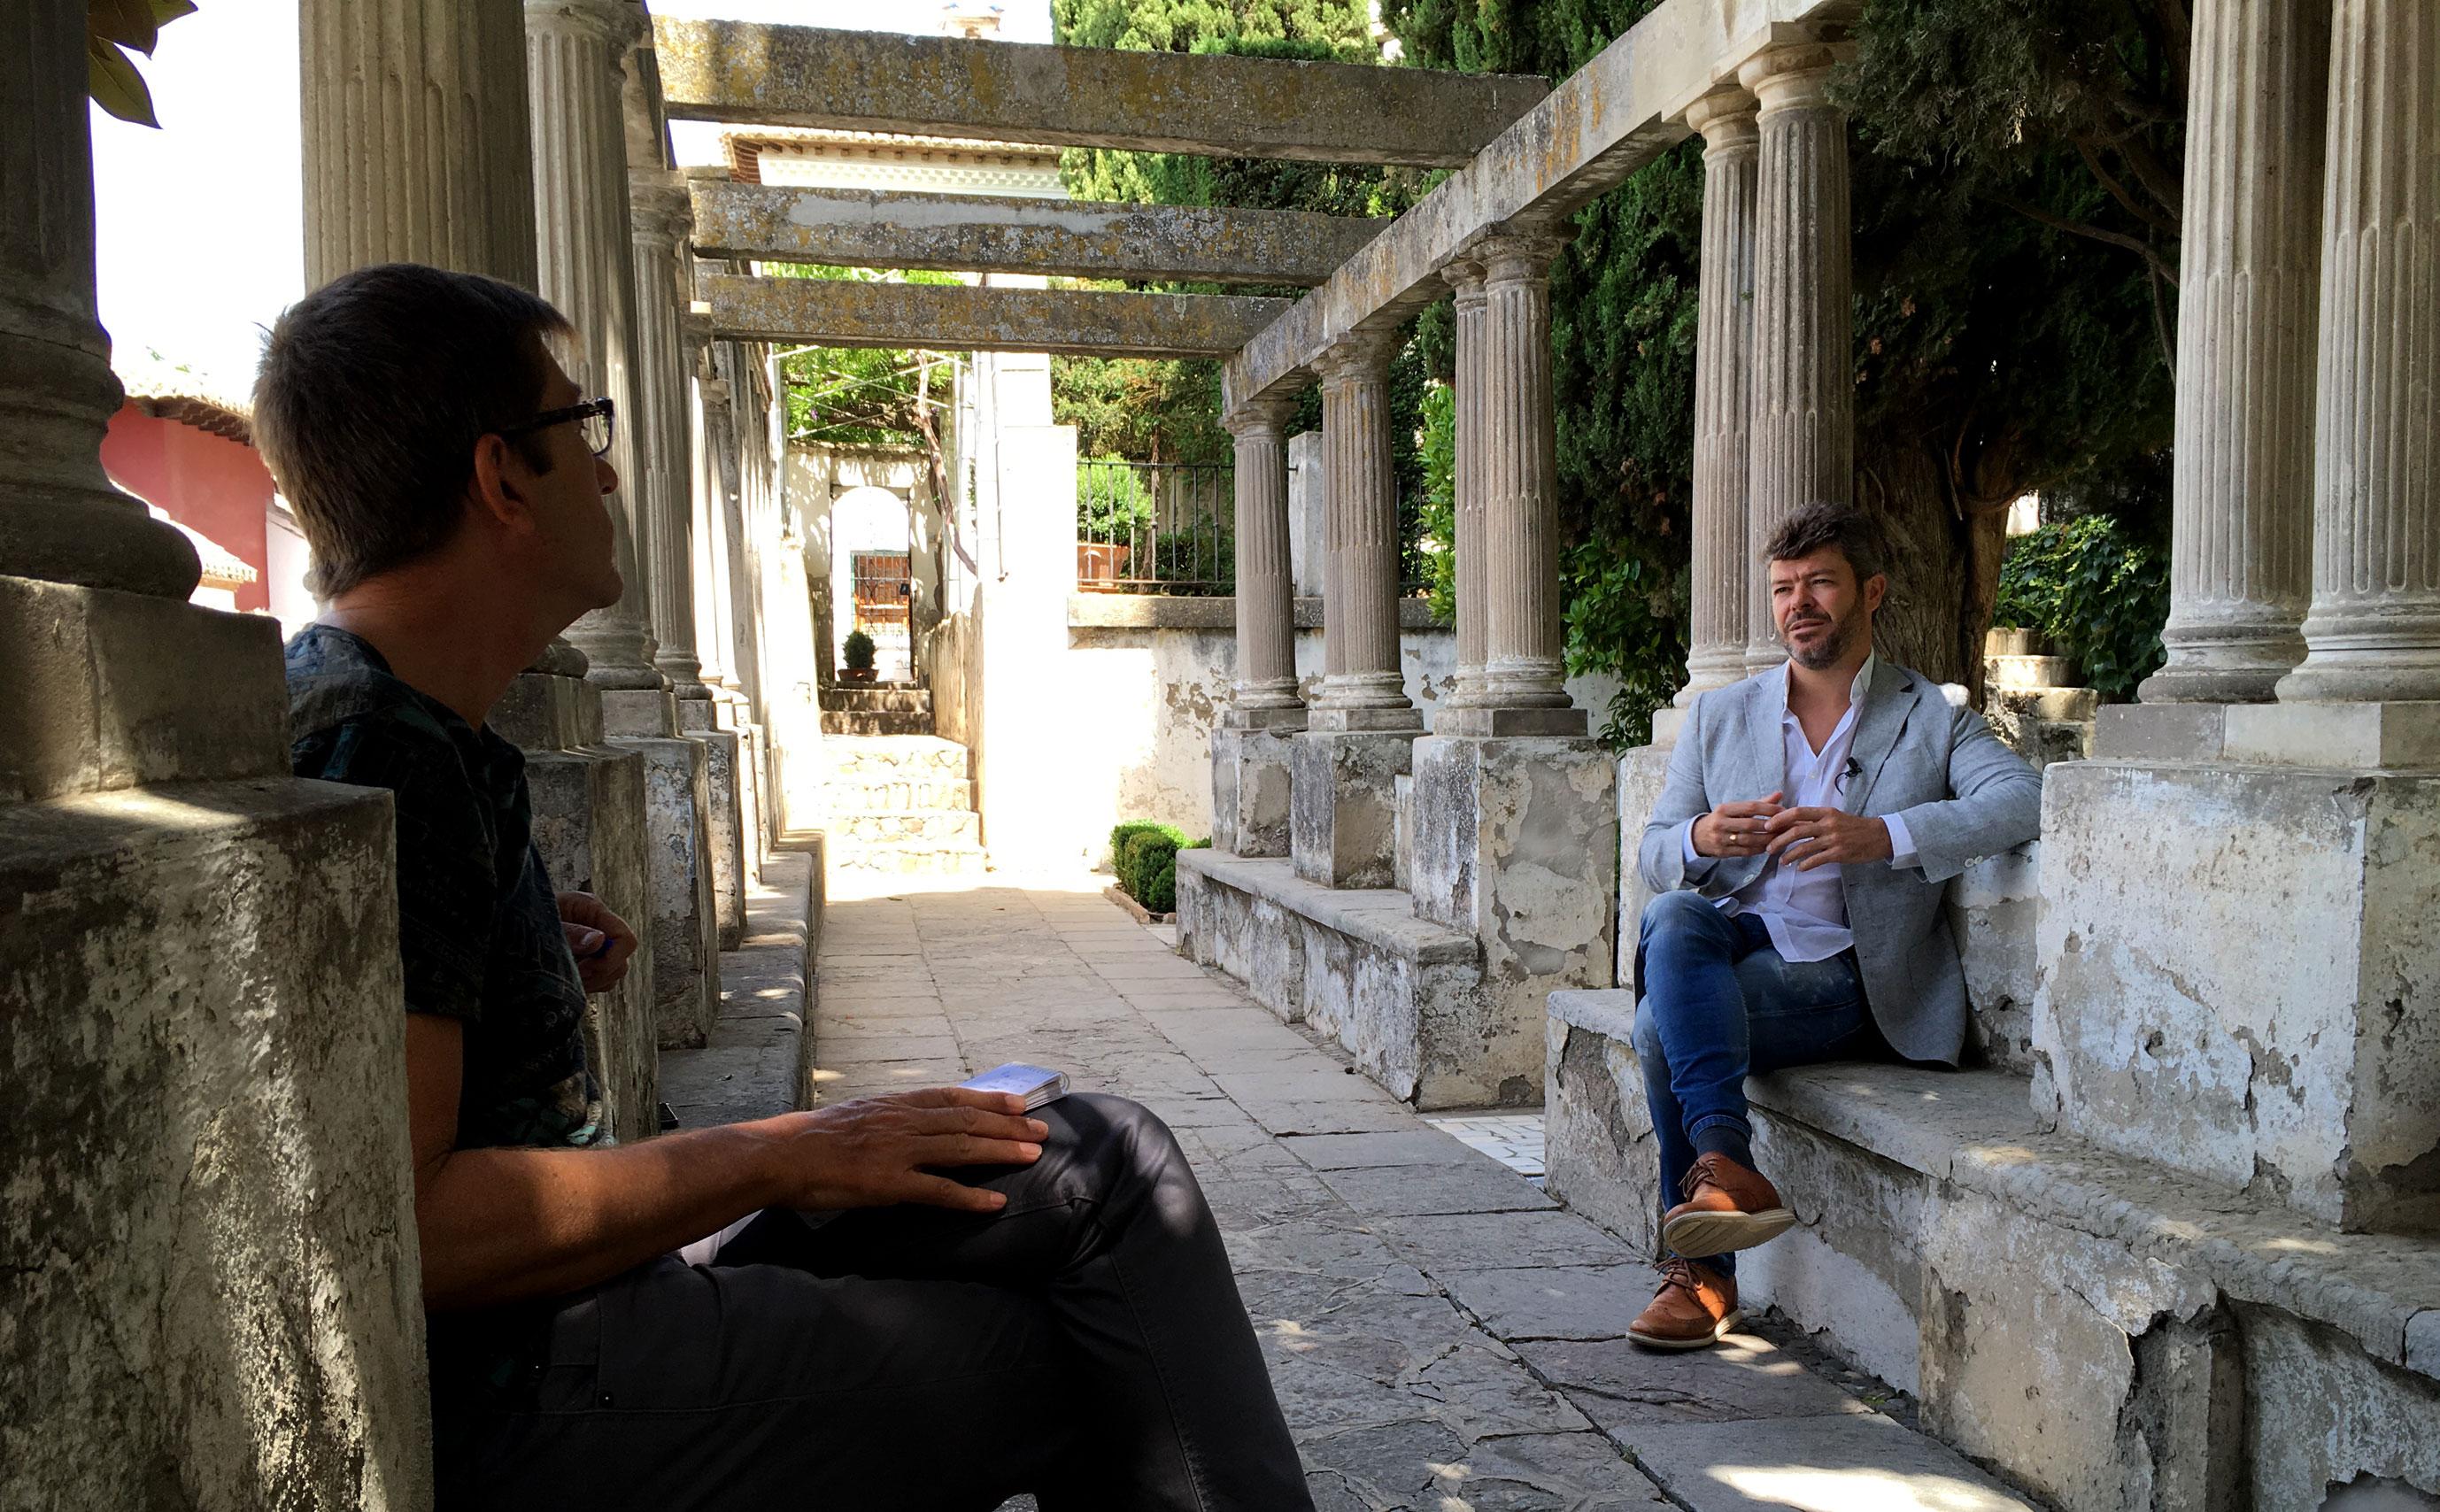 Entrevista-Al-sur-4